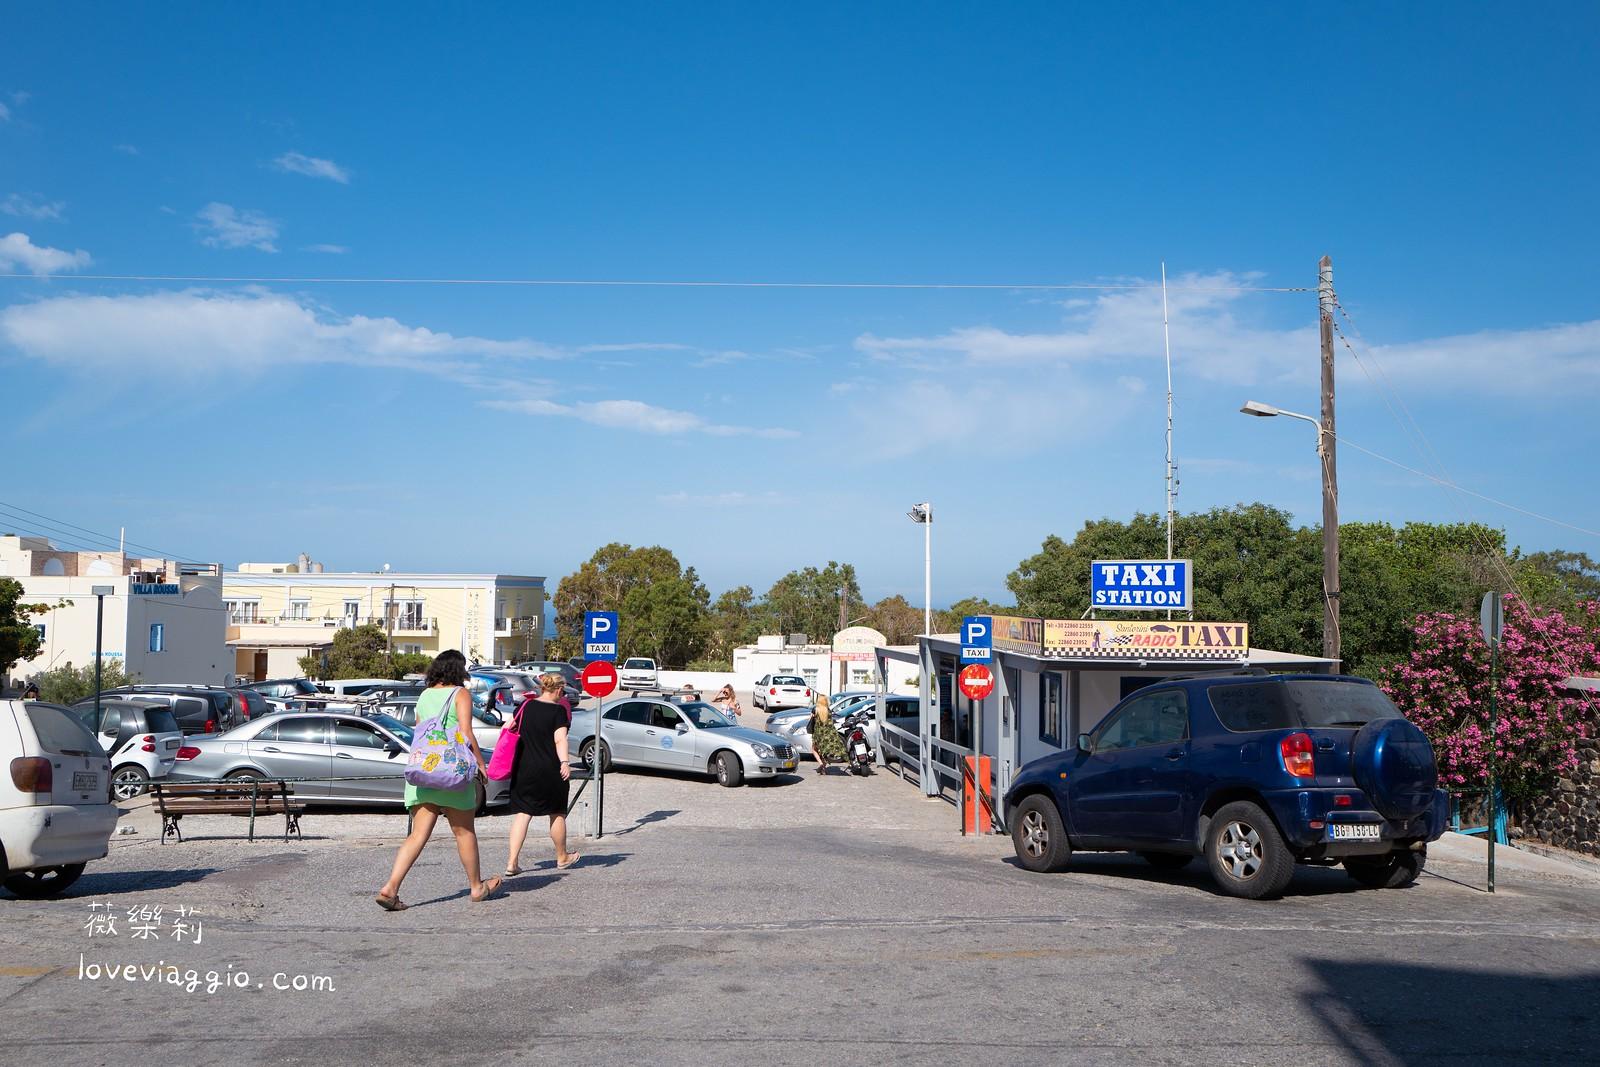 【希臘聖托里尼 Santorini】Athinios港口搭車到費拉巴士總站 小島交通巴士分享 @薇樂莉 Love Viaggio | 旅行.生活.攝影